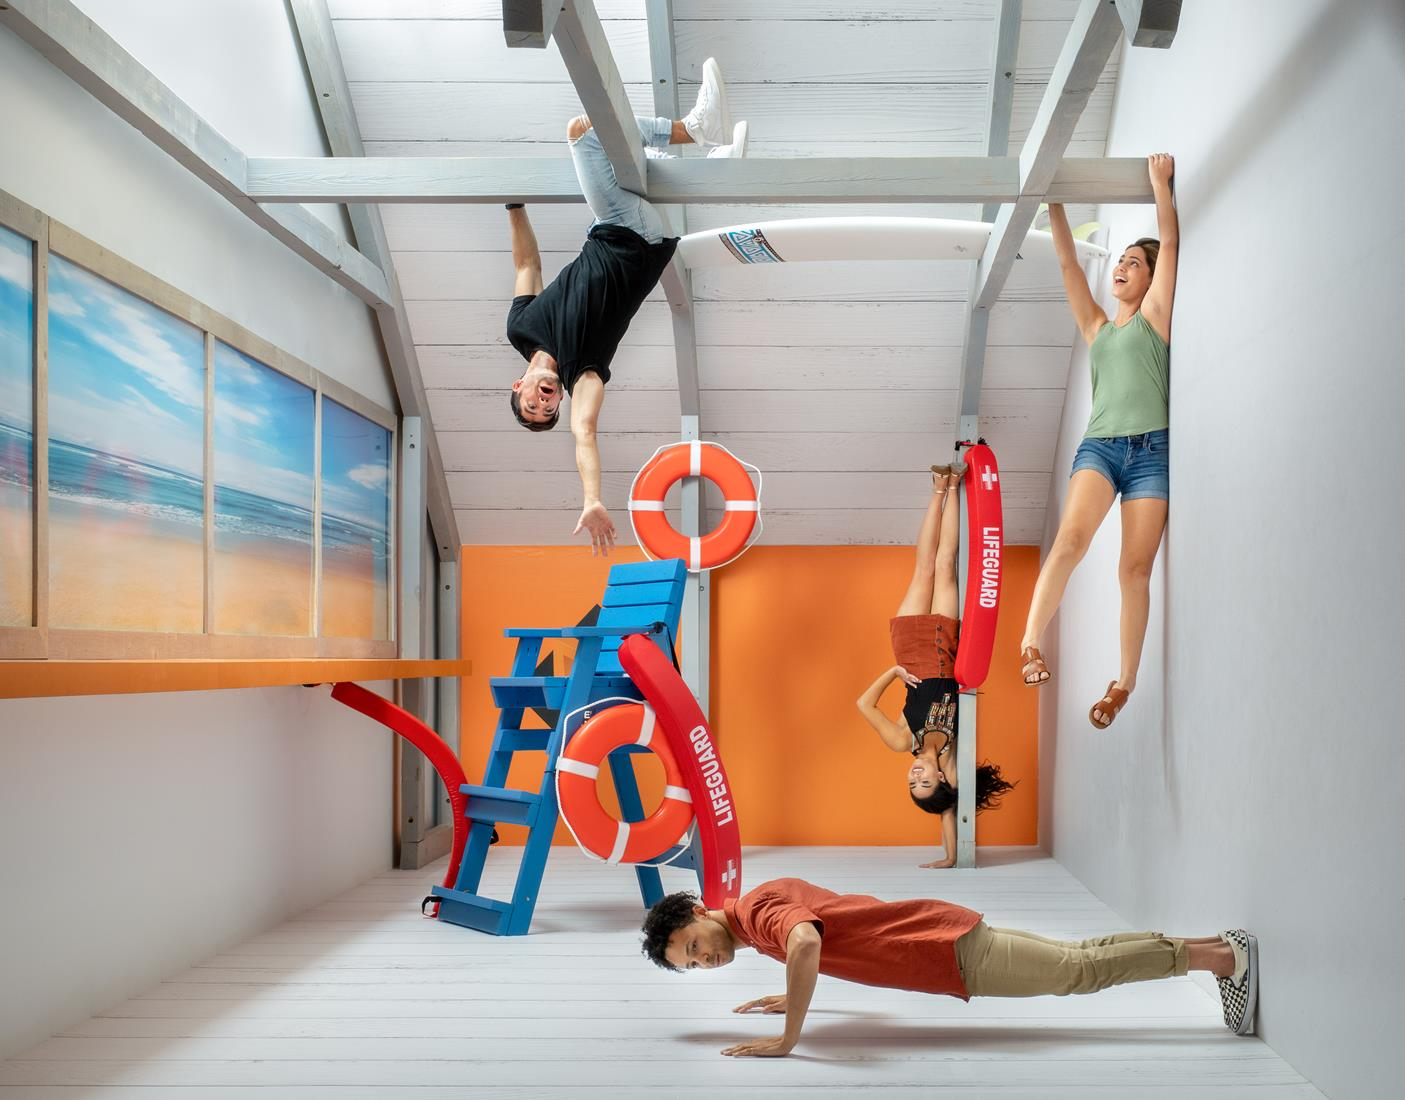 Museum of Illusions Orlando Reversed Room Millennials